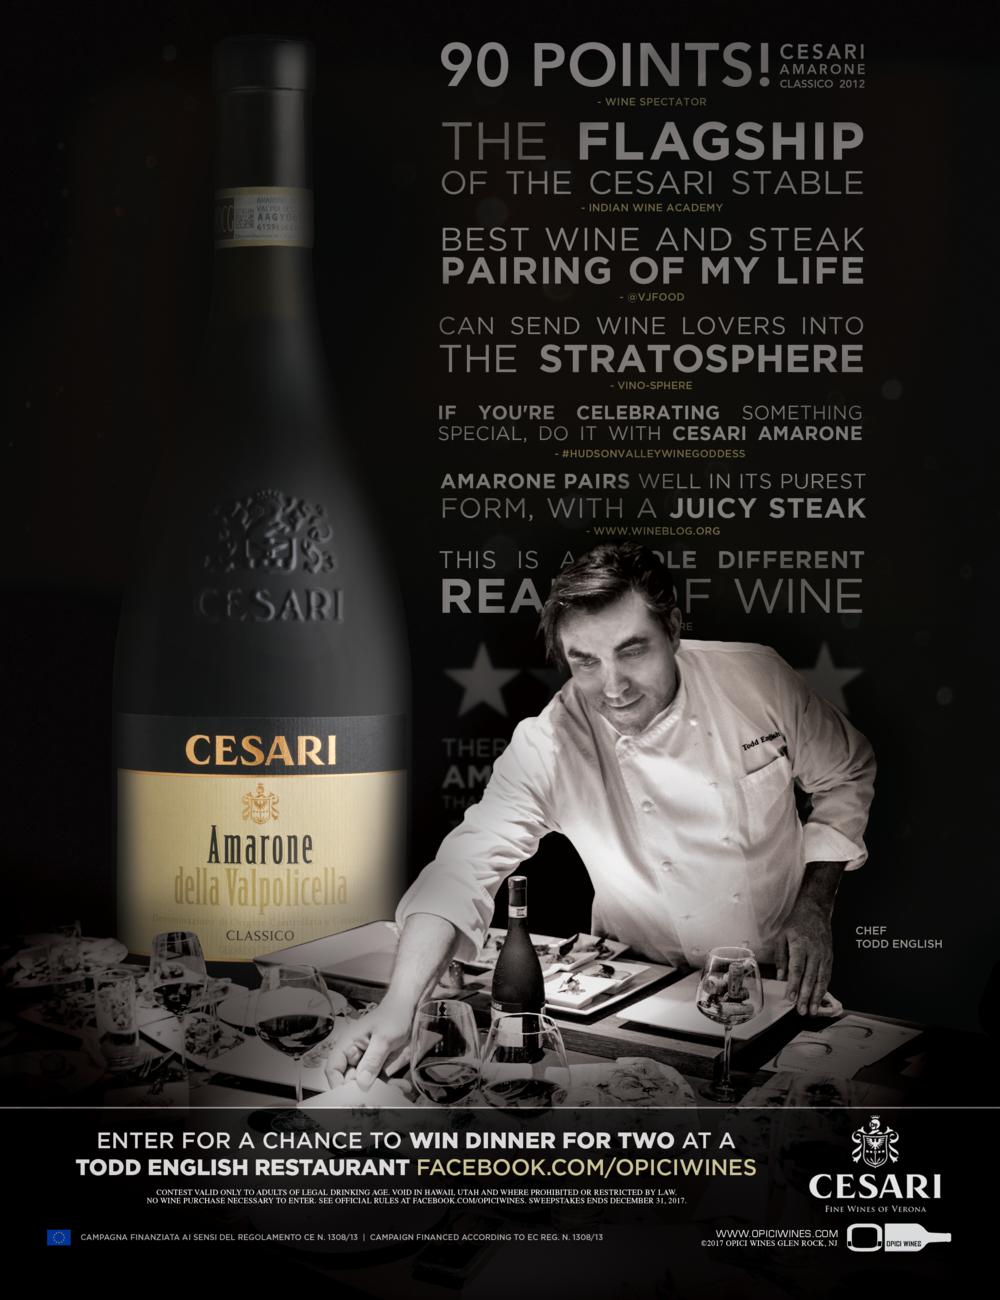 Food+&+Wine+-+Cesari+AD+-+041317.png